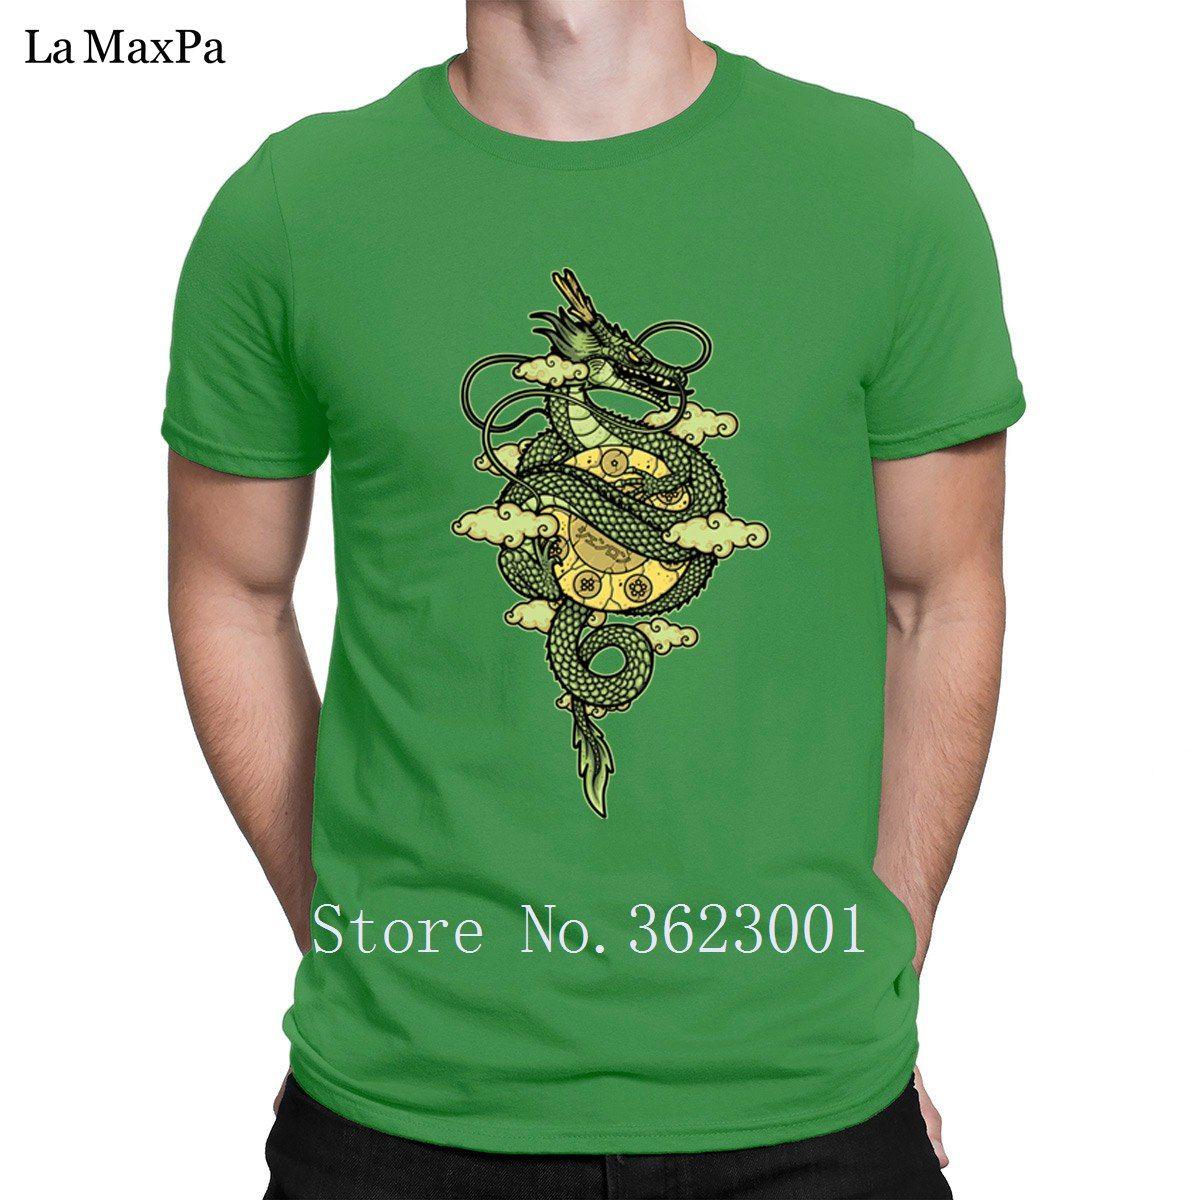 Conception de loisirs T-shirt homme dragon Dieu T-shirt couleur unie hommes T-shirt T-shirt unique coton cadeau